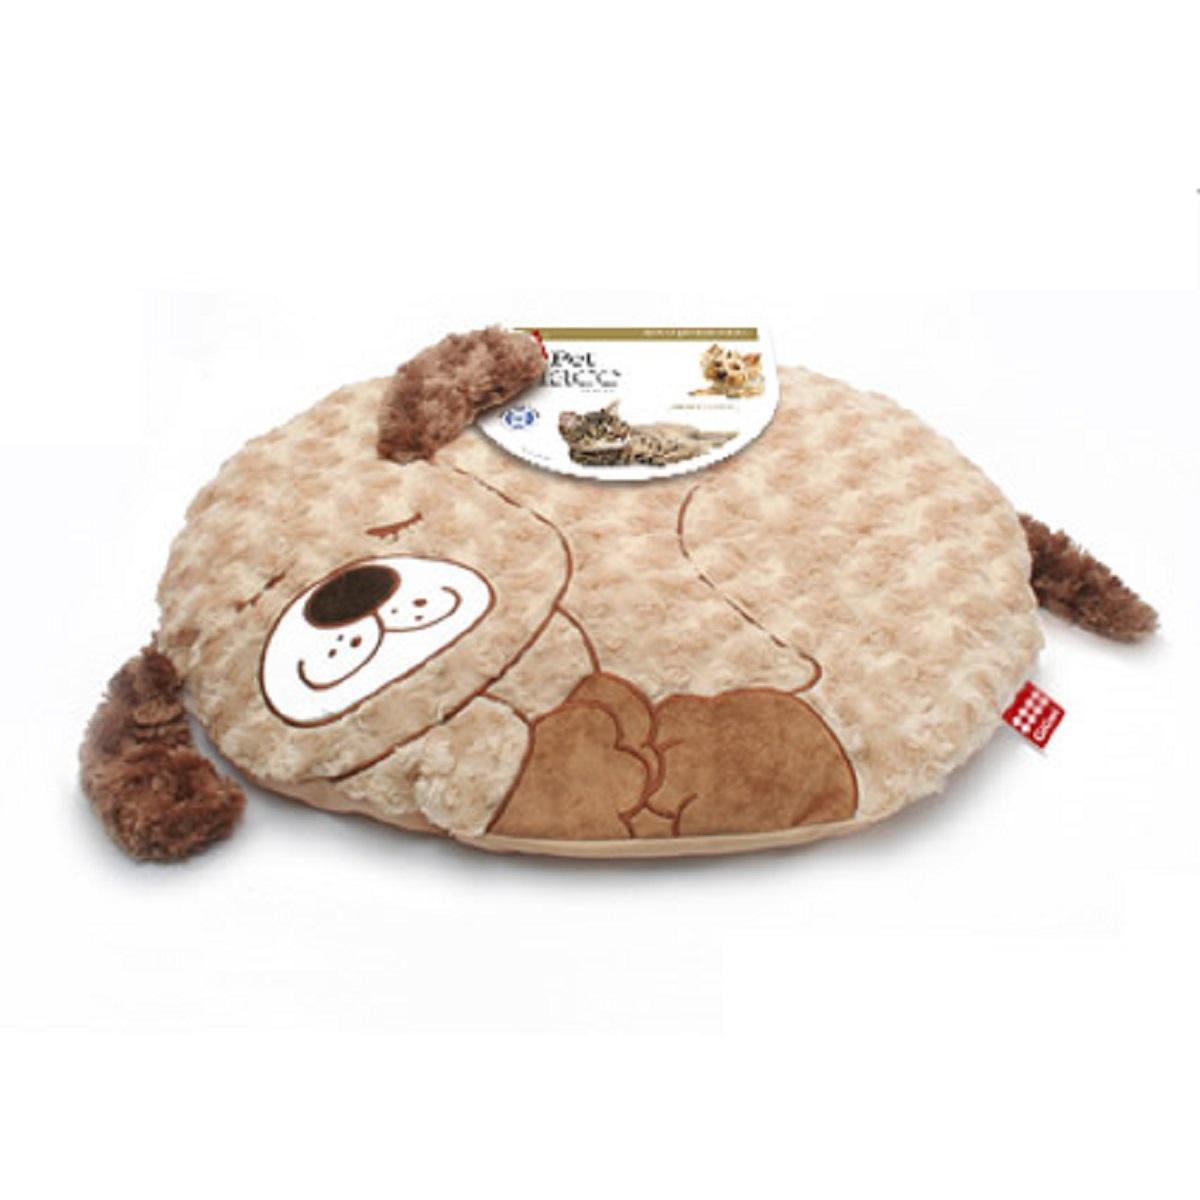 Лежанка с дизайном GiGwi Собака 57 см75113GiGwi Лежанка с дизайном Собака Лежанка для небольших собак и кошек. Наполнитель полиэстер. Машинная стирка